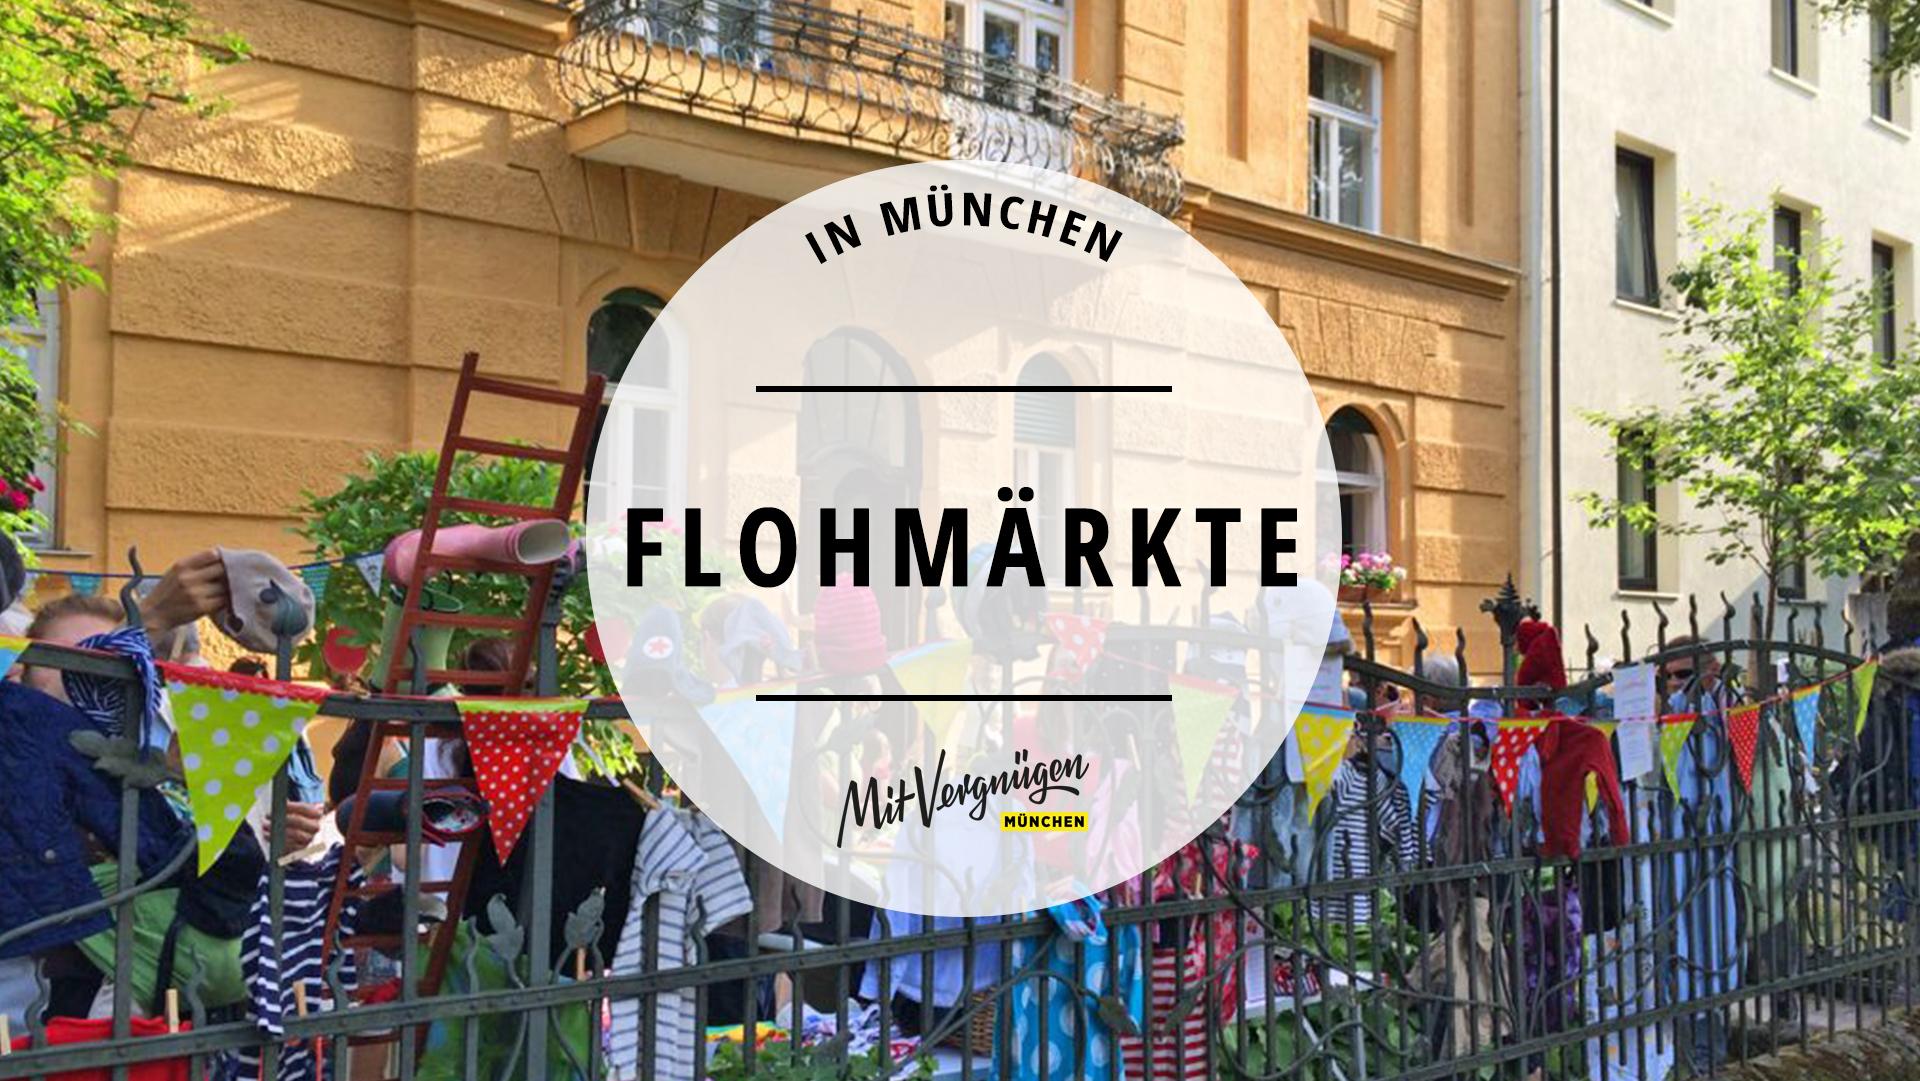 11 Wunderbare Flohmarkte In Munchen Die Ihr Kennen Solltet